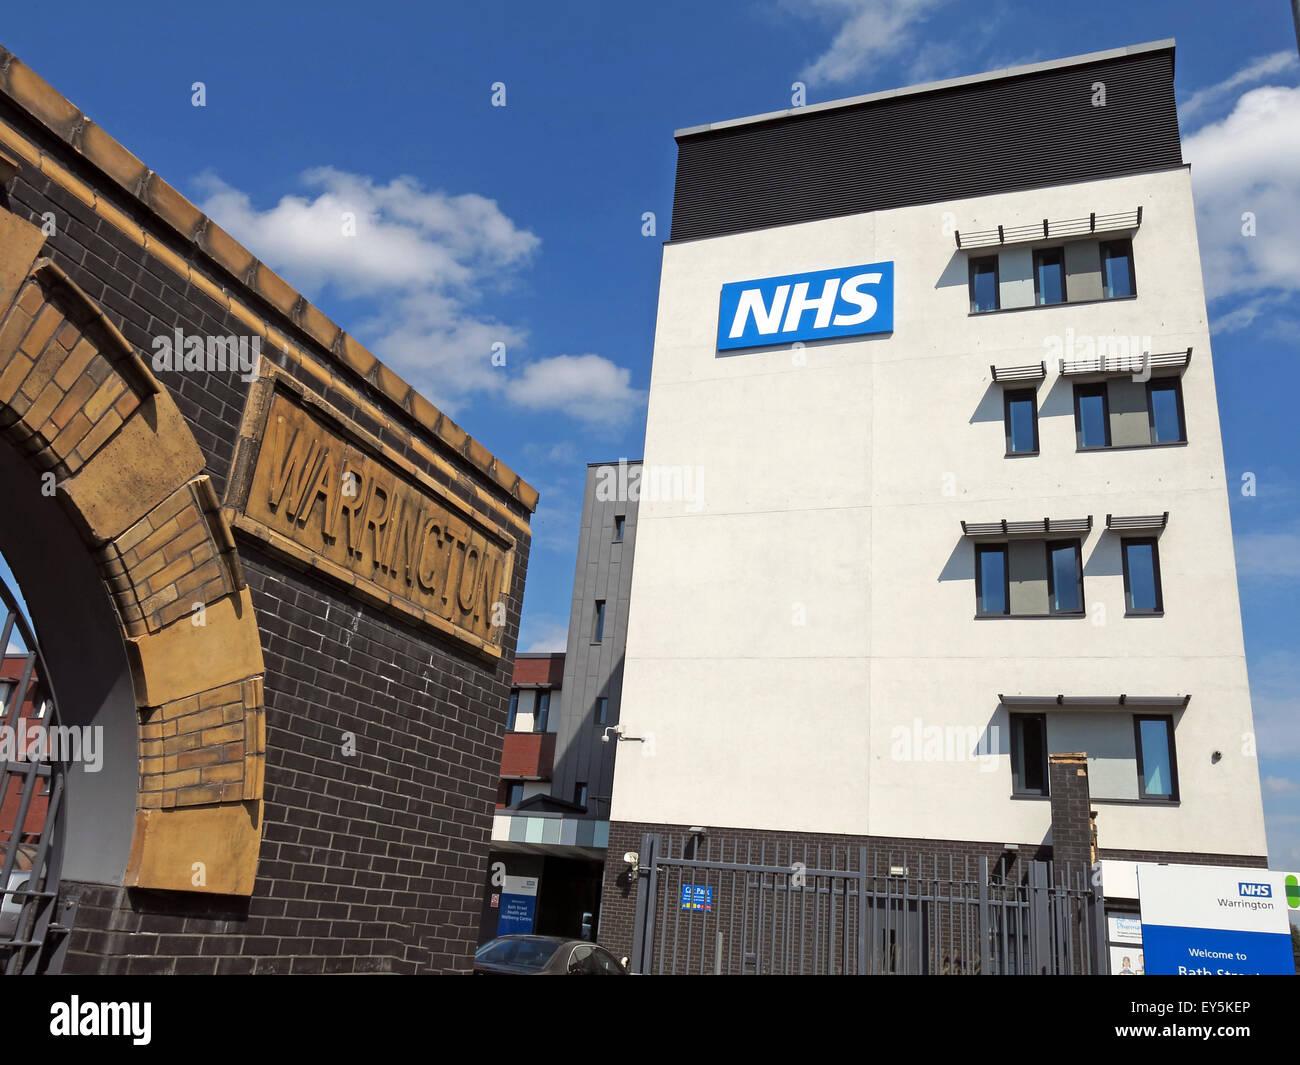 Laden Sie dieses Alamy Stockfoto Bad St, Warrington Hospitals NHS Trust, Cheshire, England, Vereinigtes Königreich - EY5KEP